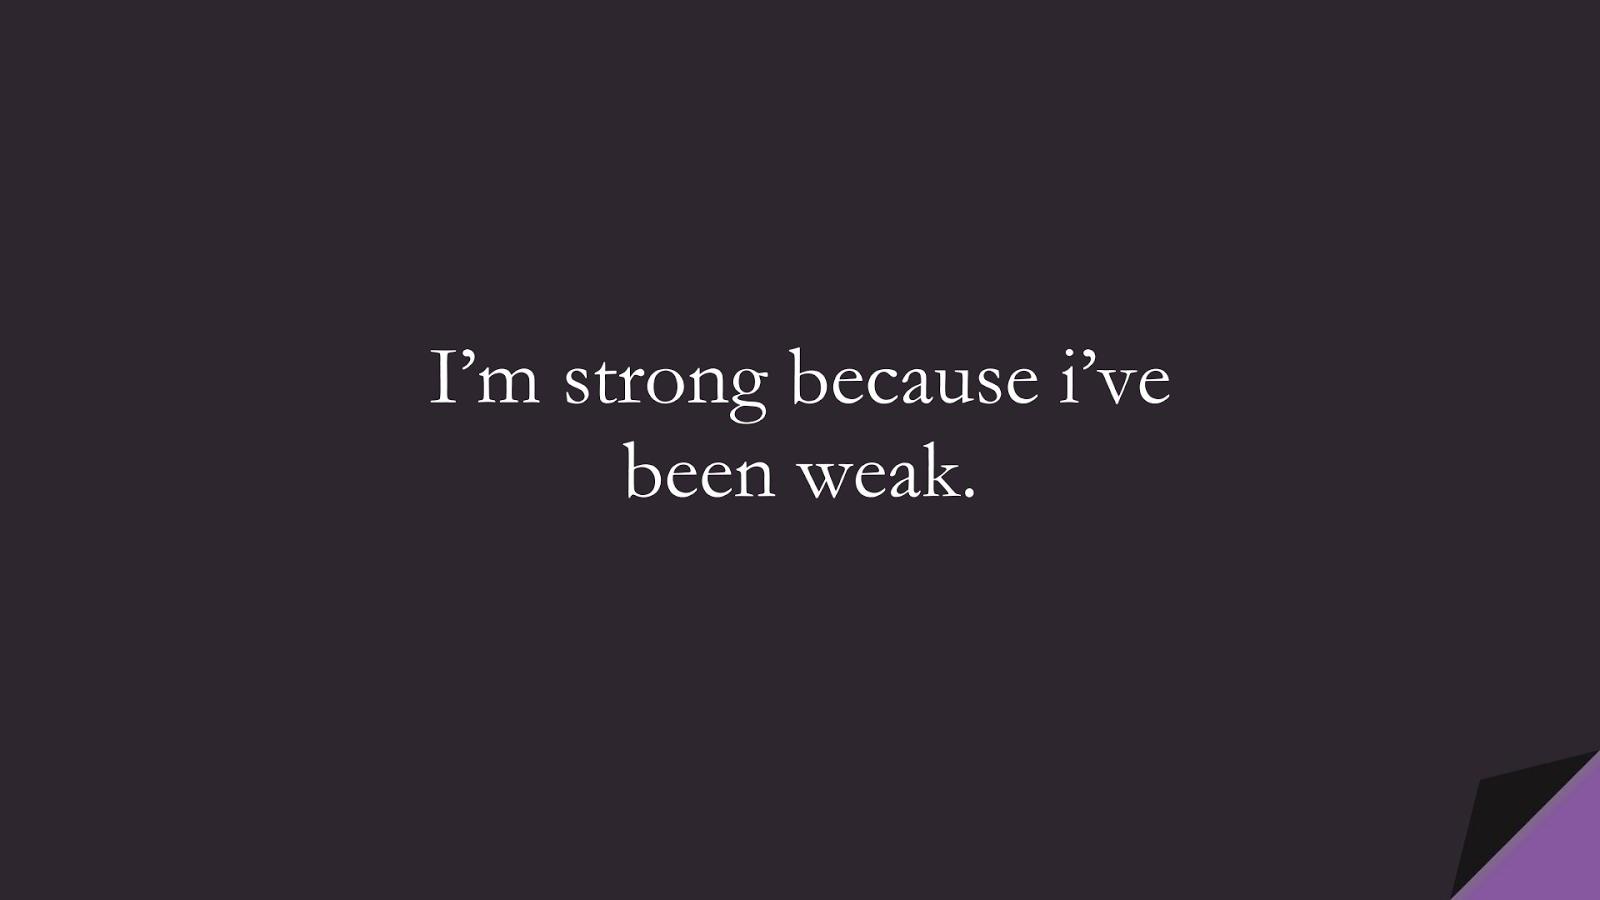 I'm strong because i've been weak.FALSE